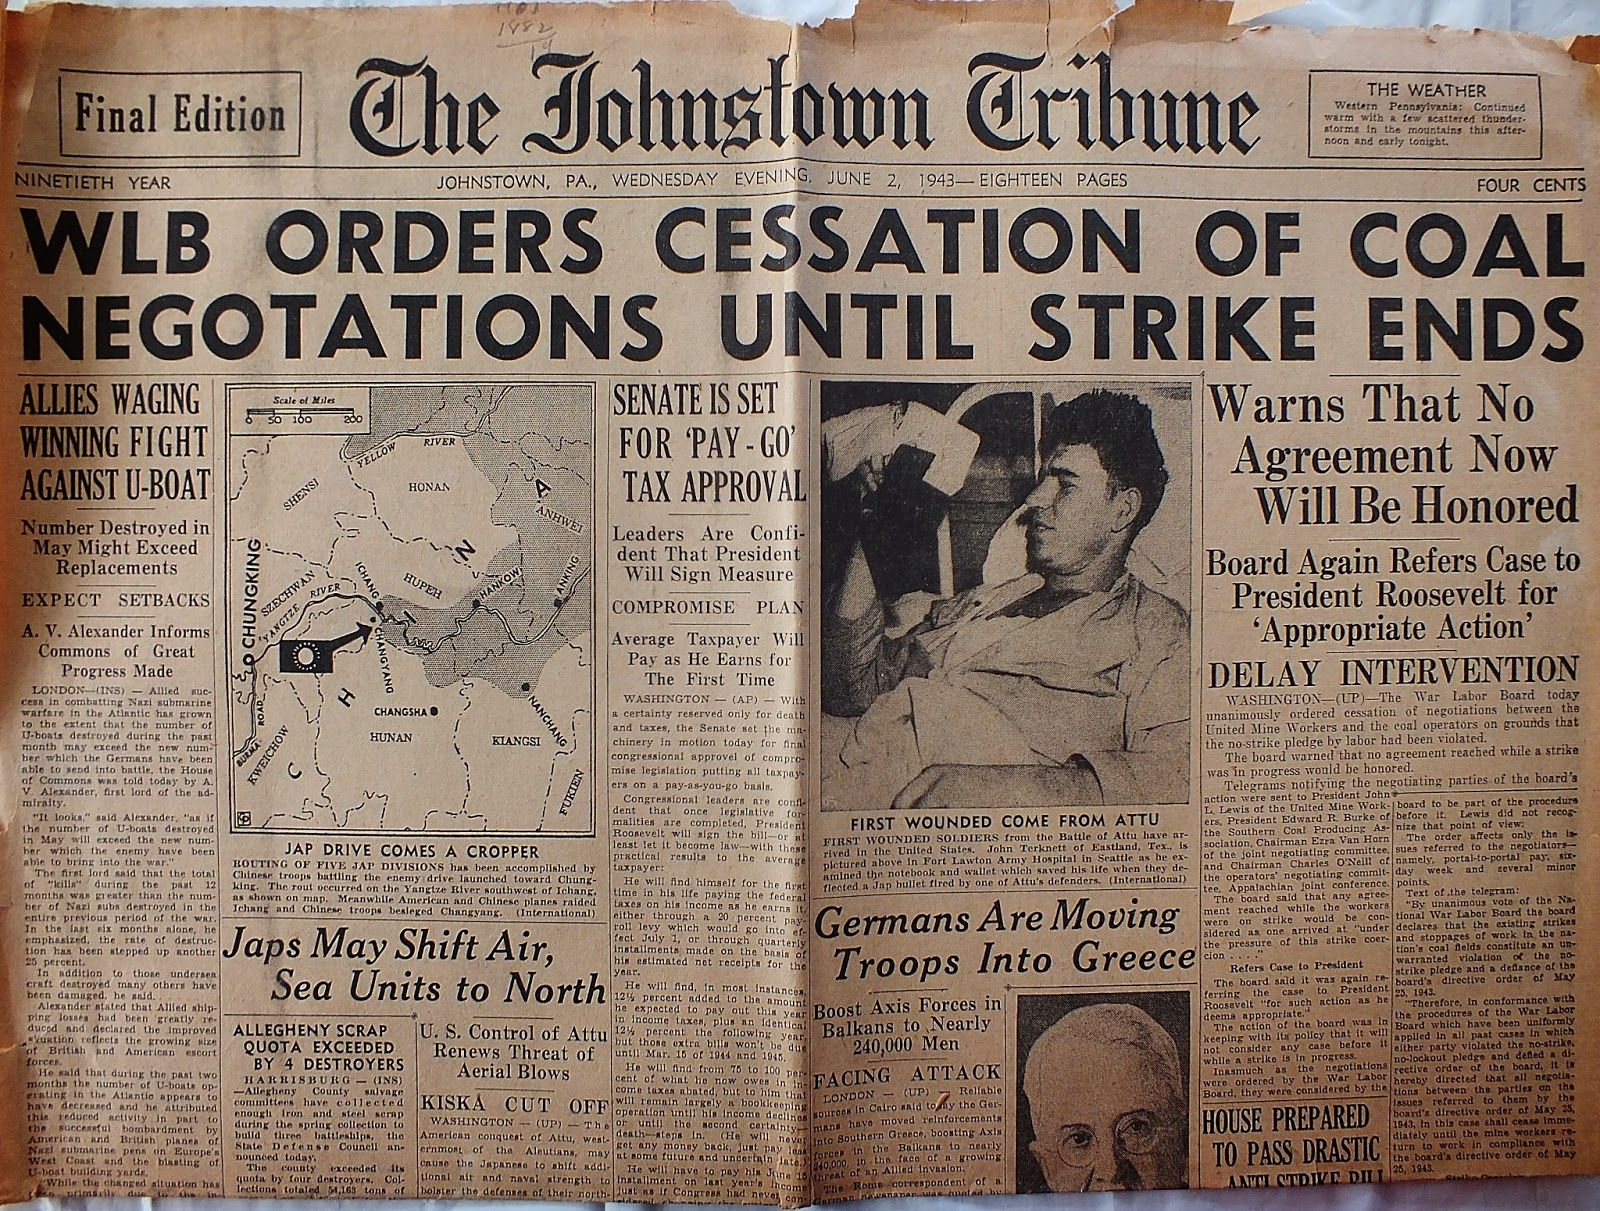 The Johnstown Tribune - World War II: June 2, 1943: WLB ORDERS CESSATION OF COAL NEGOTAT...